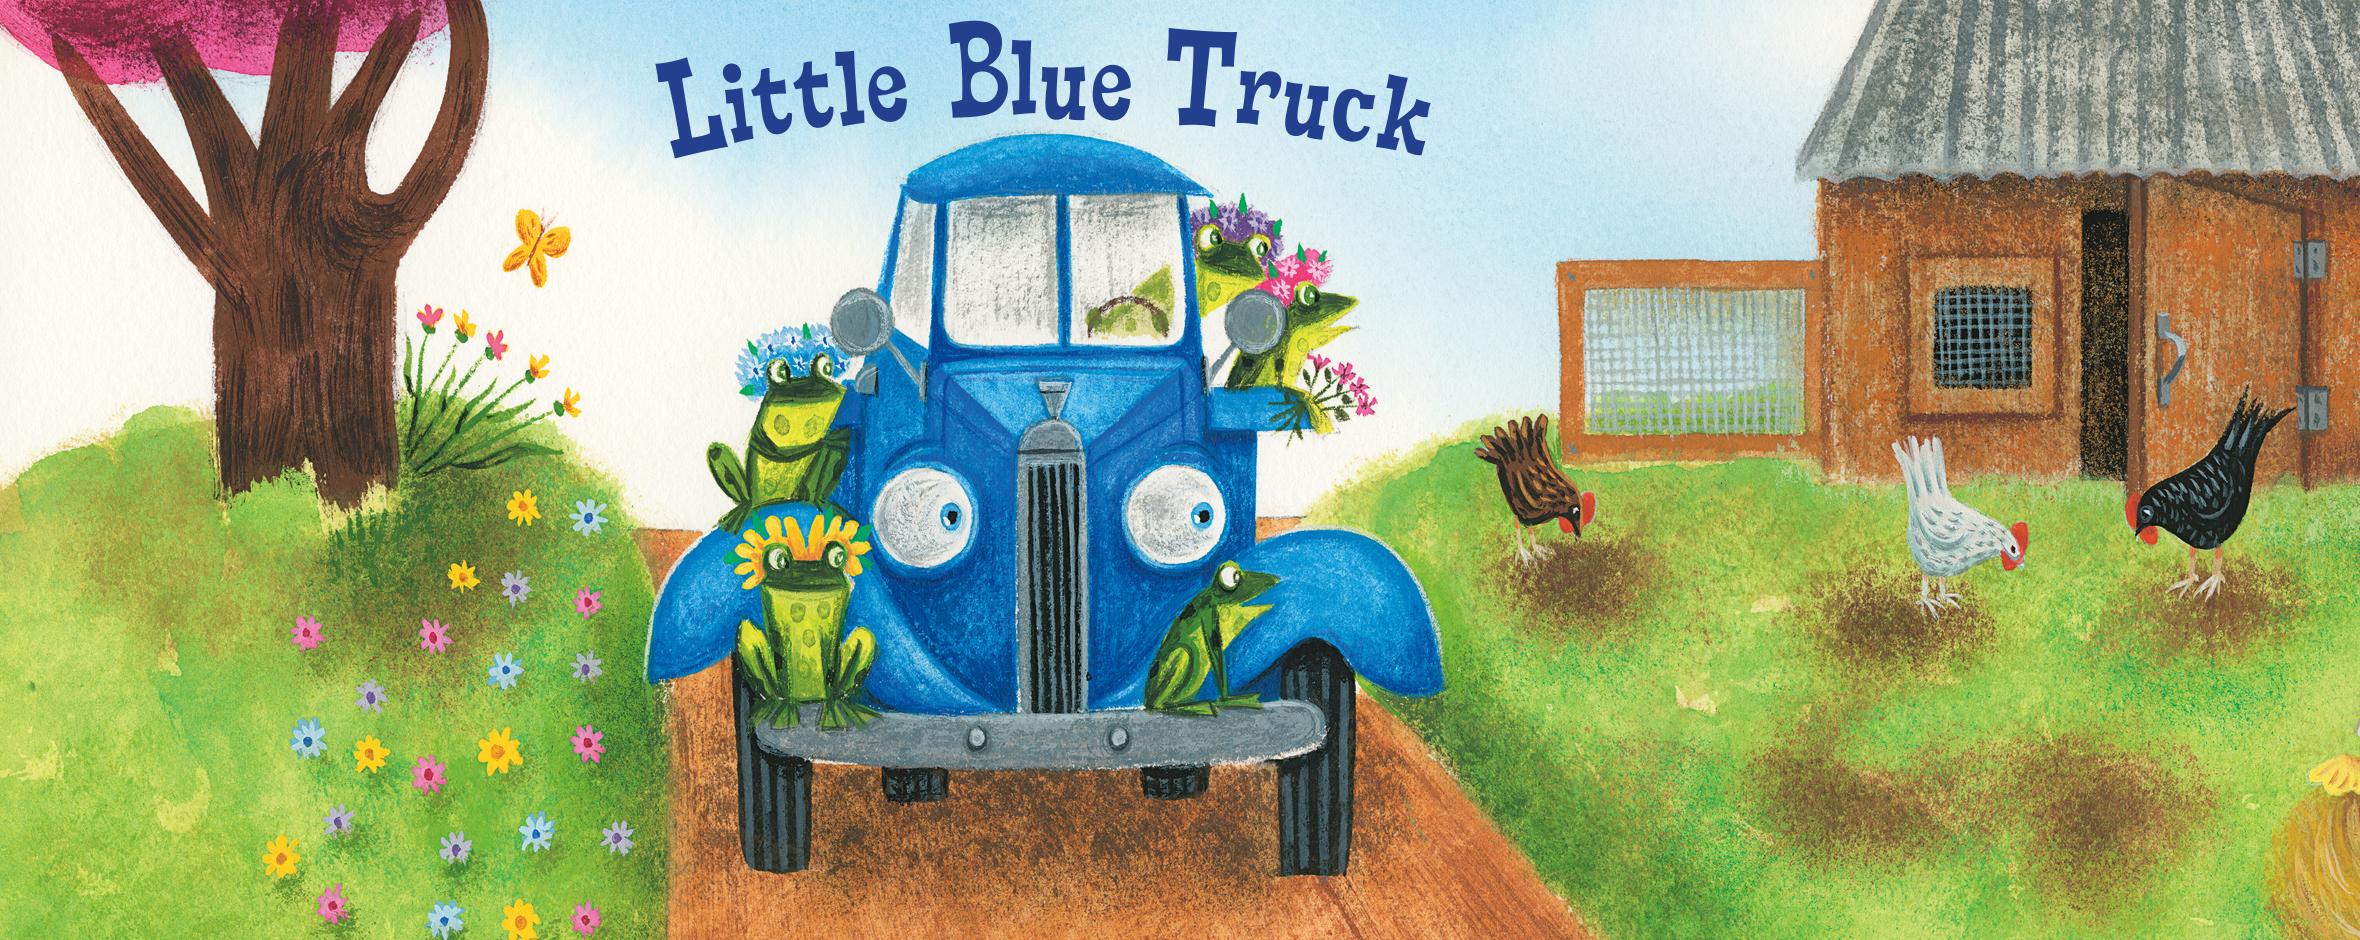 Little Blue Truck.